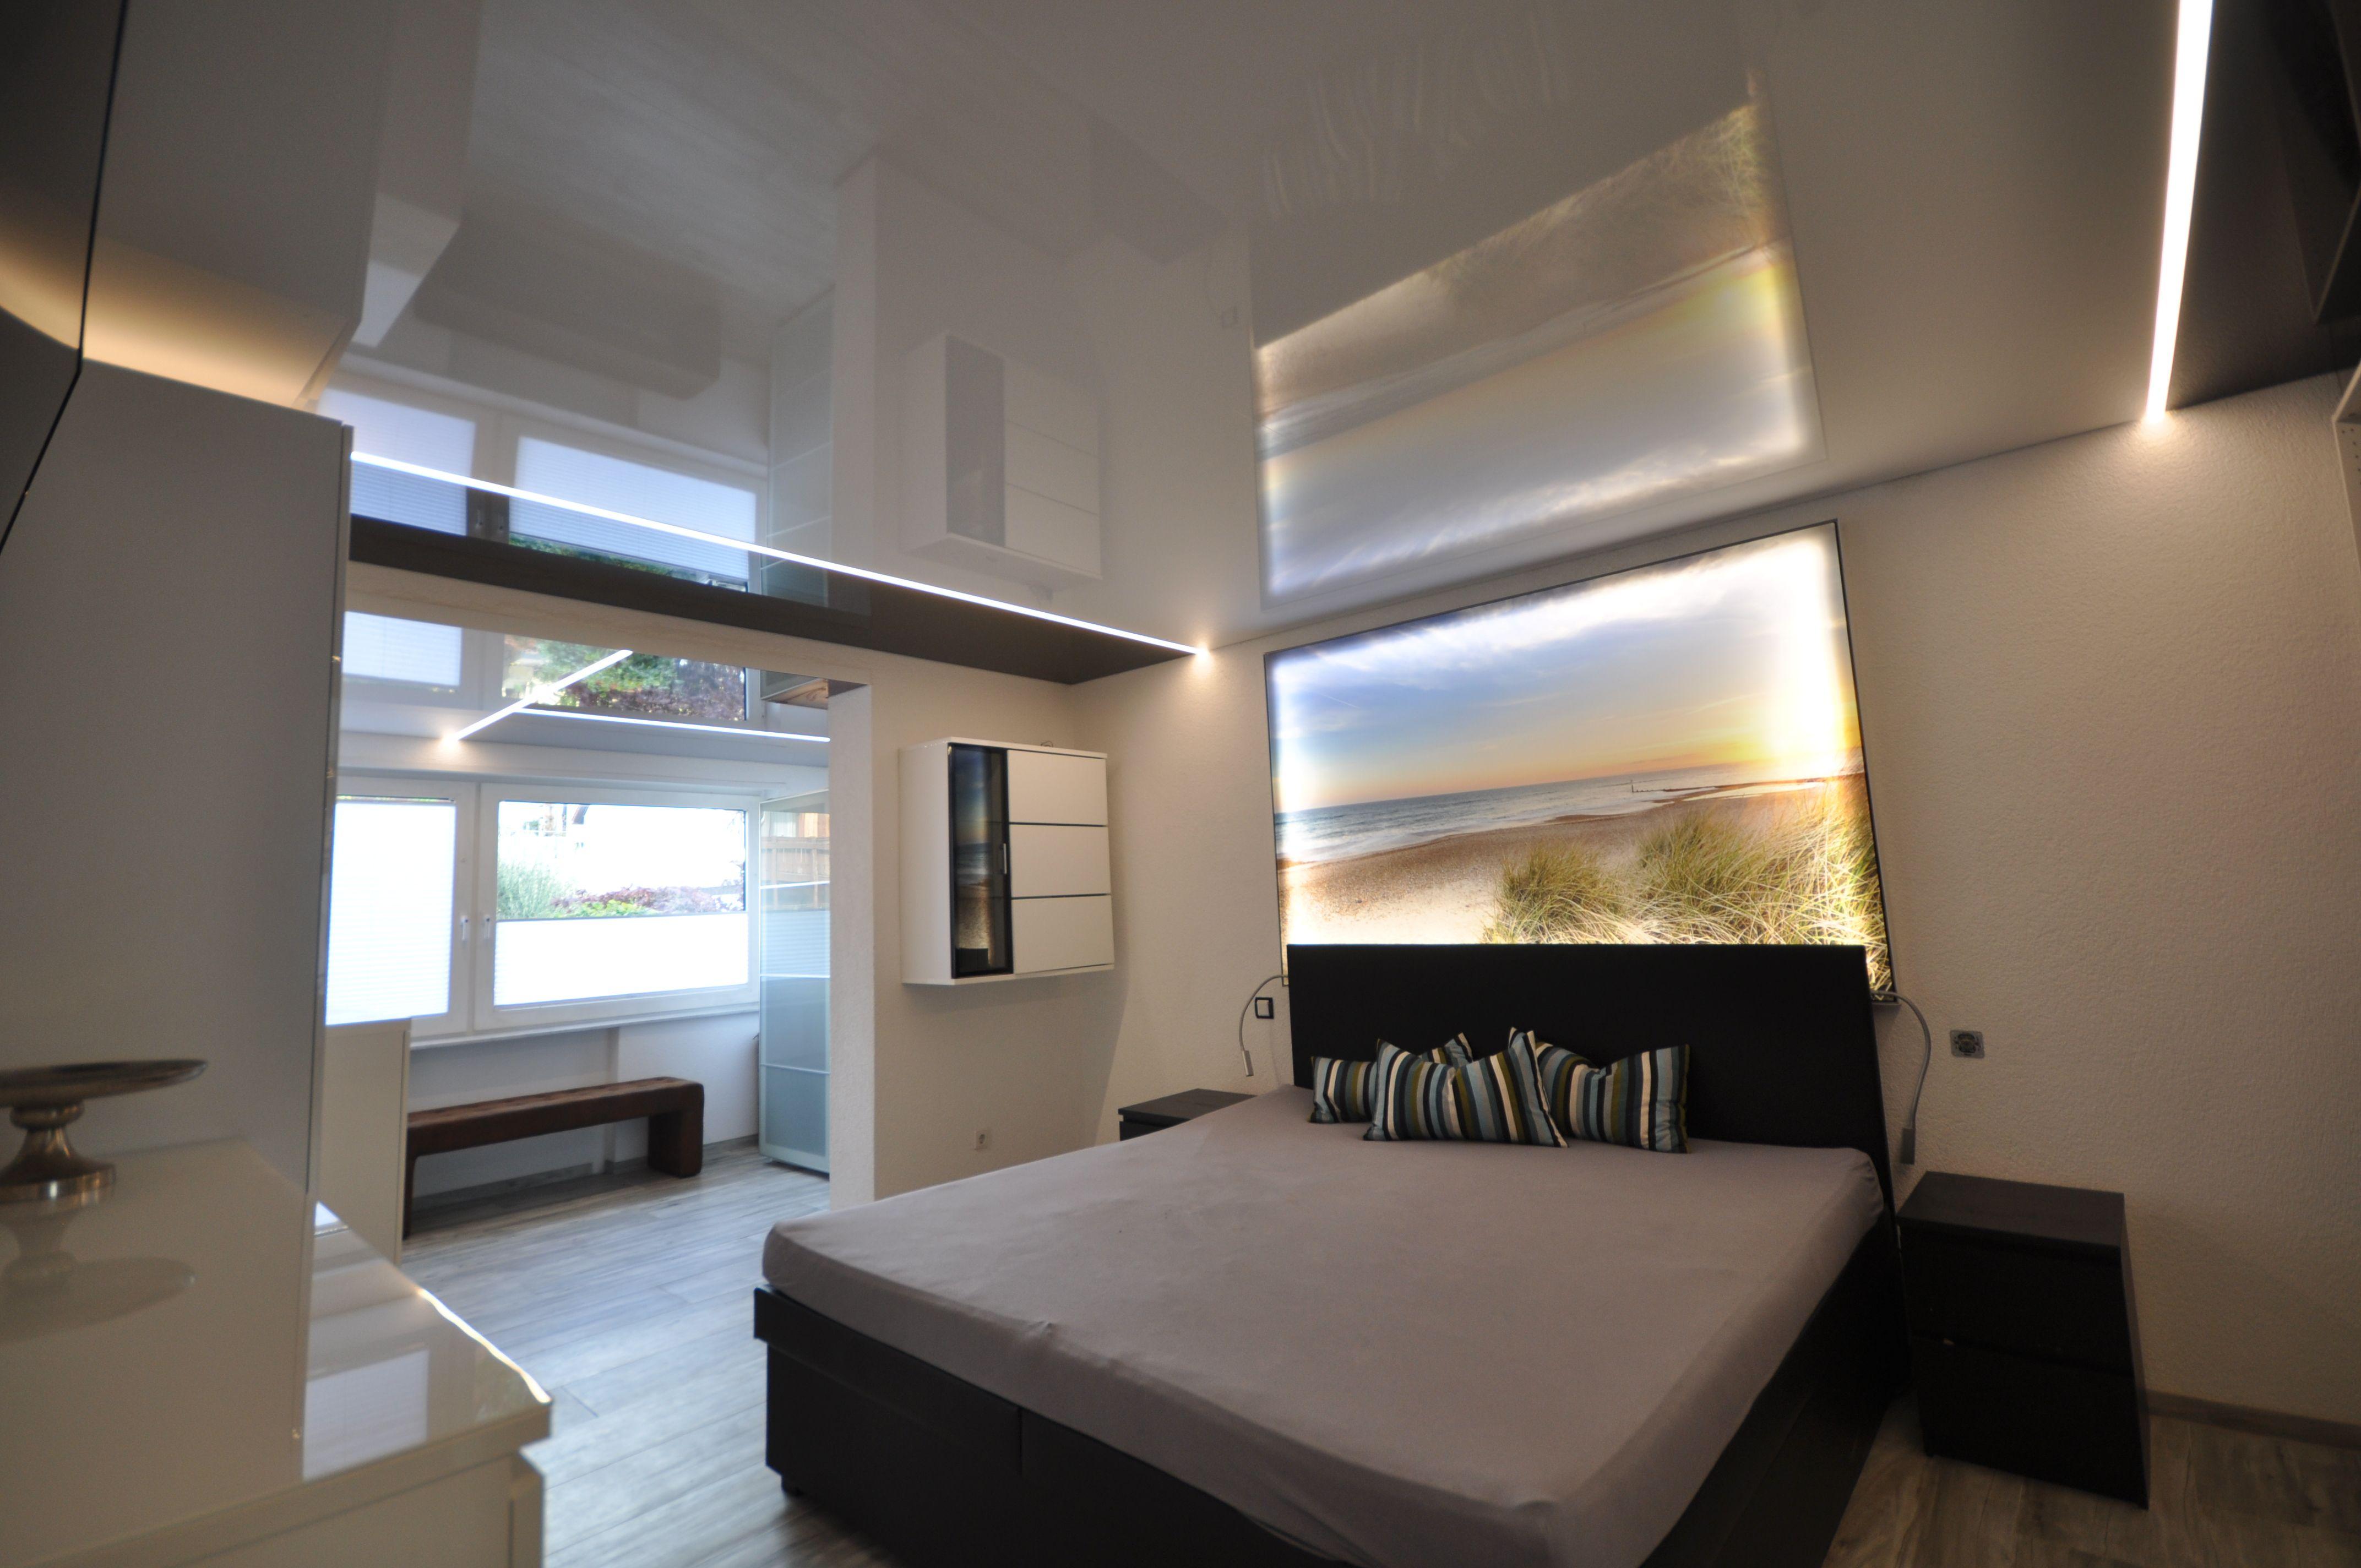 Schlafzimmer In 2020 Haus Schlafzimmer Ideen Schlafzimmer Beleuchtung